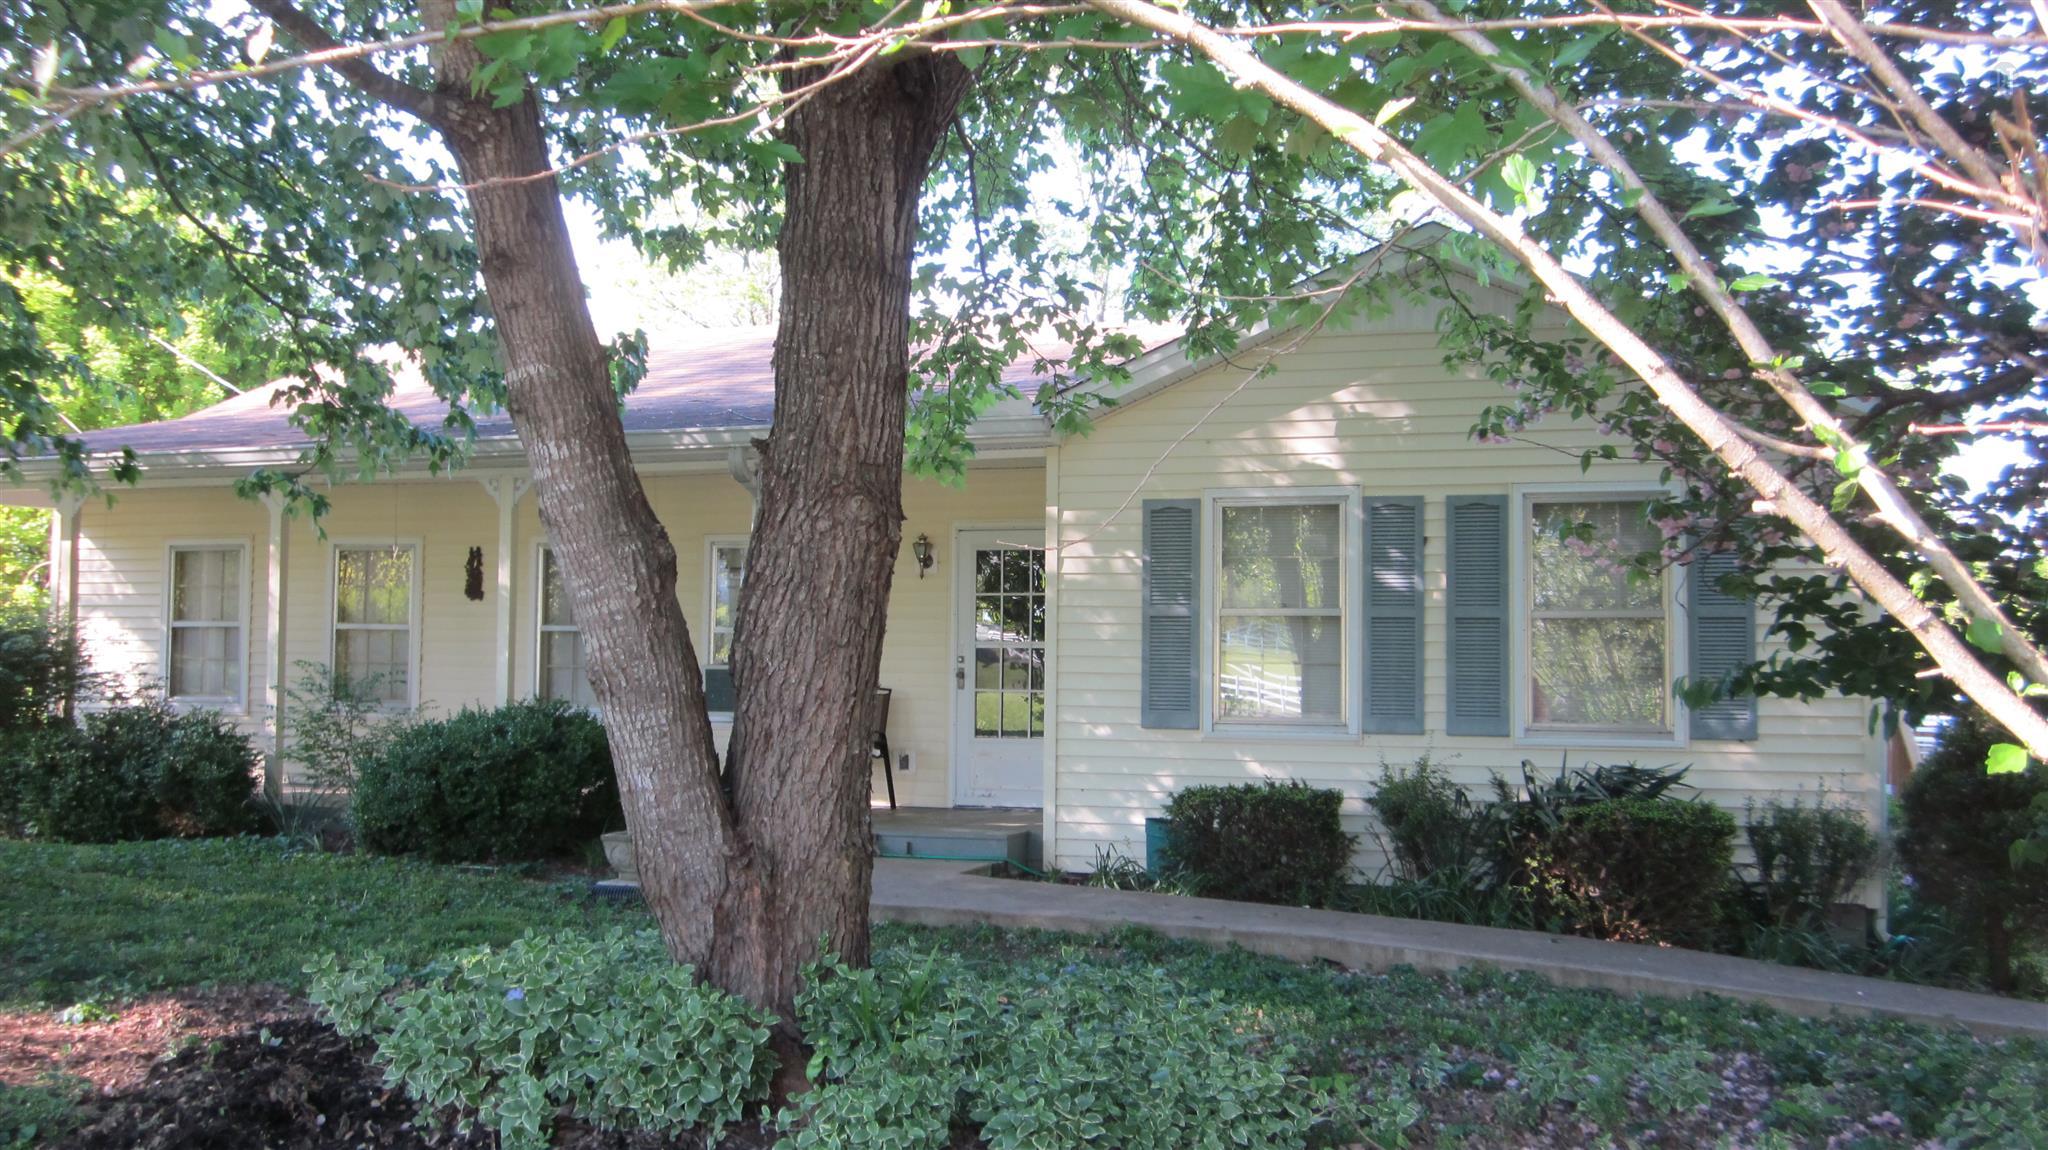 932 Dixon Springs Hwy, Dixon Springs, TN 37057